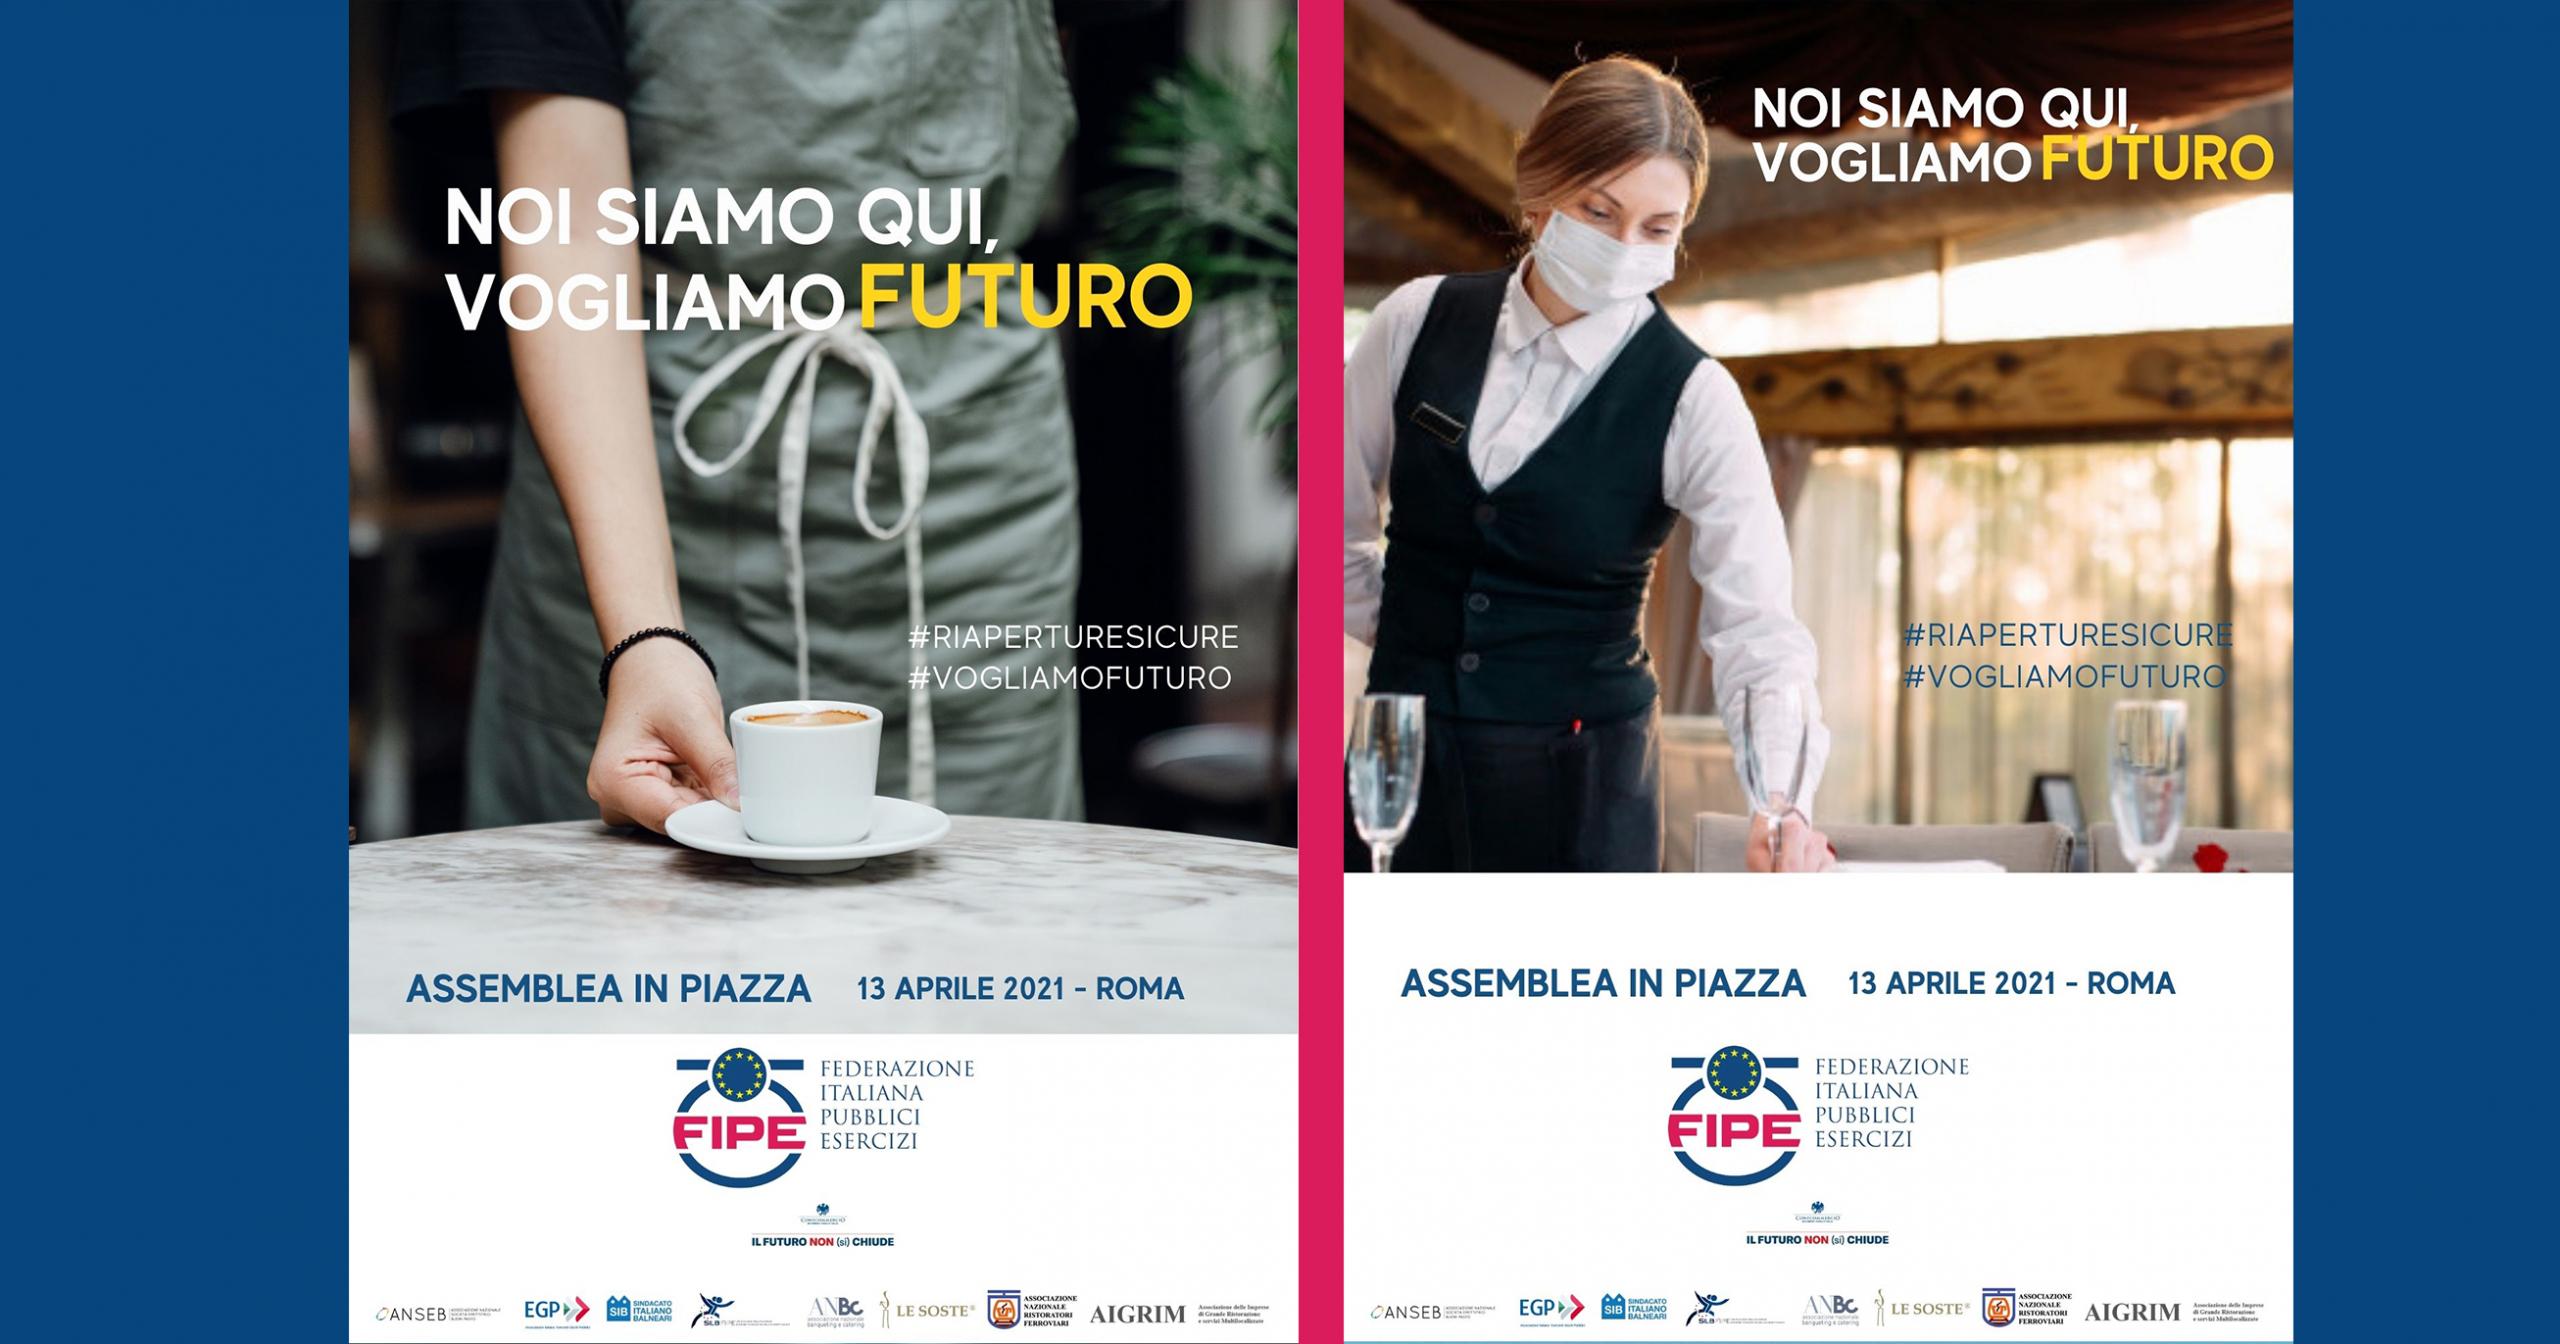 FIPE CONFCOMMERCIO ROMA: VOGLIAMO UNA DATA PER RIAPRIRE   Assemblea straordinaria in piazza martedì 13 aprile